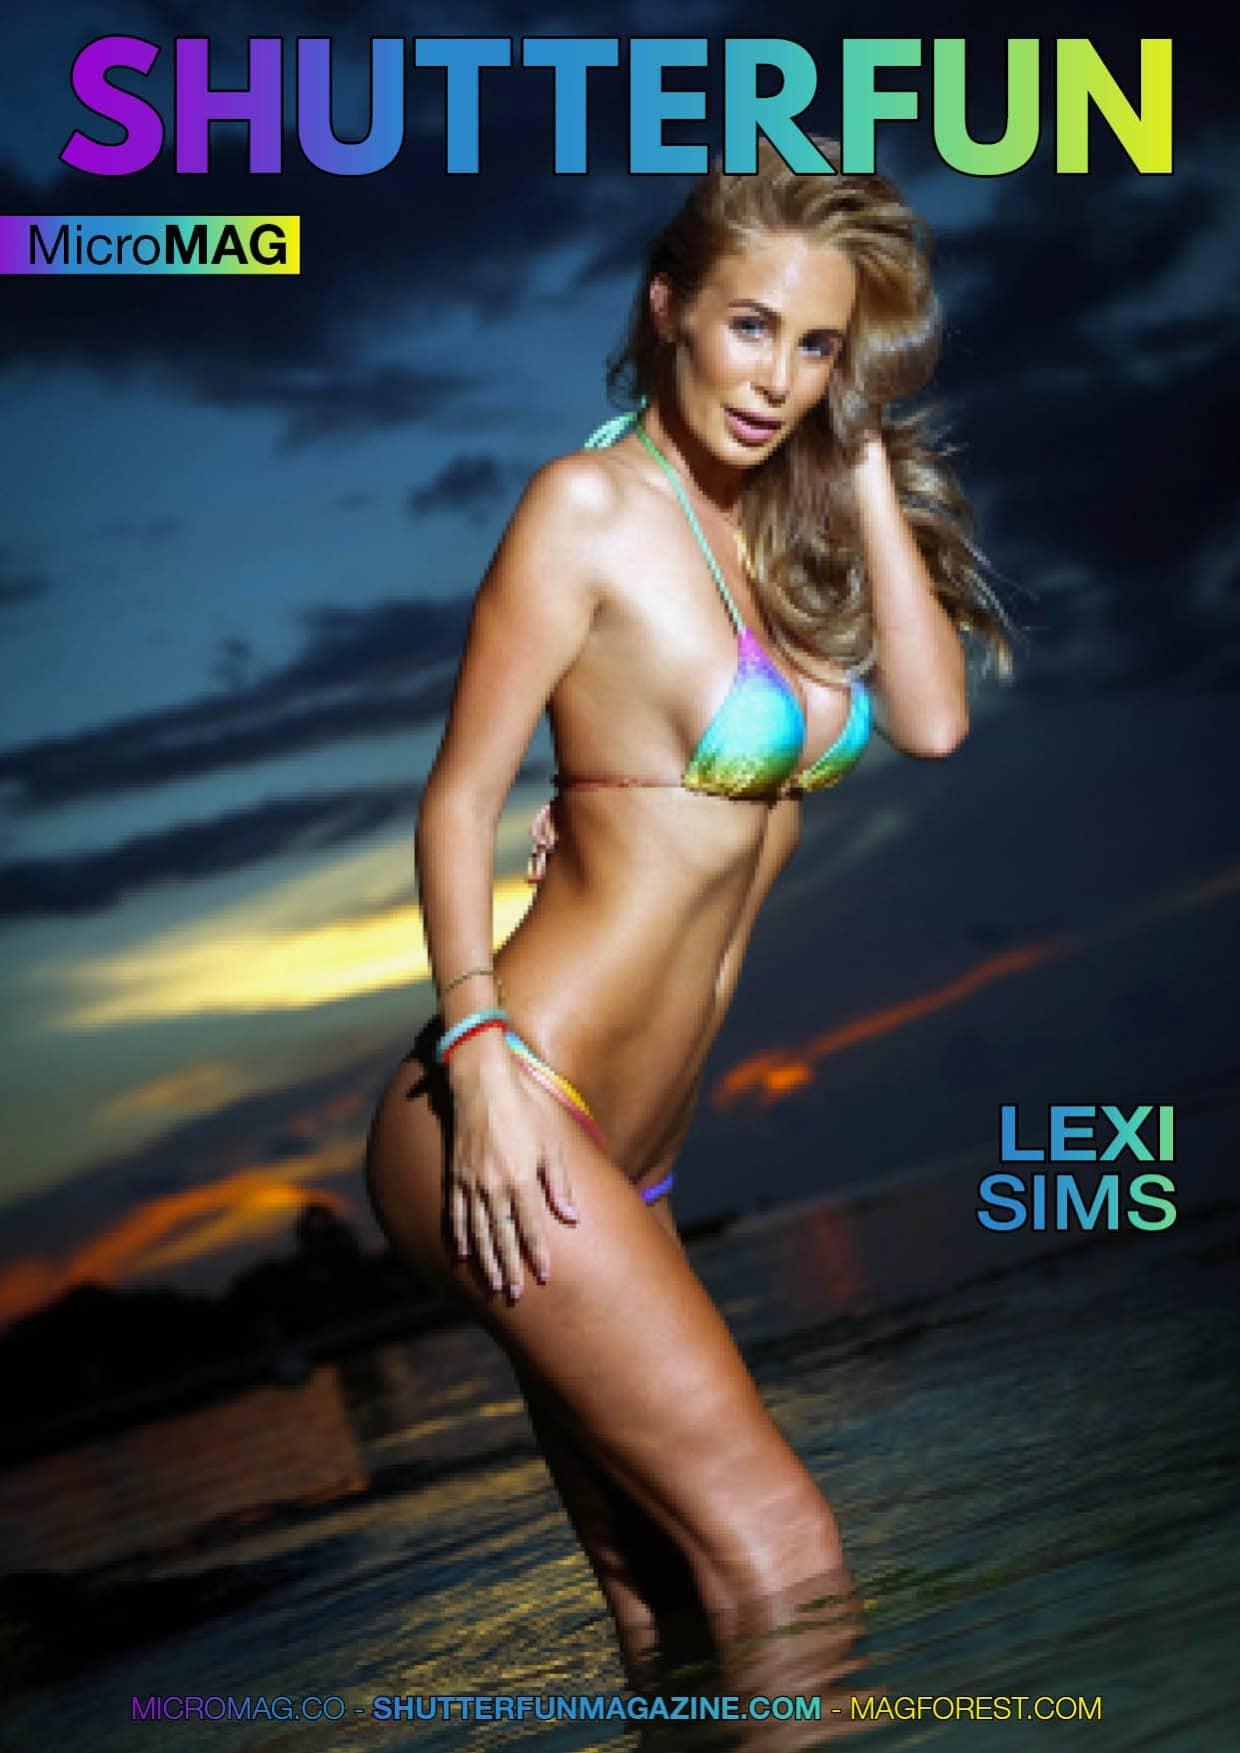 Shutter Fun Micromag – Lexi Sims